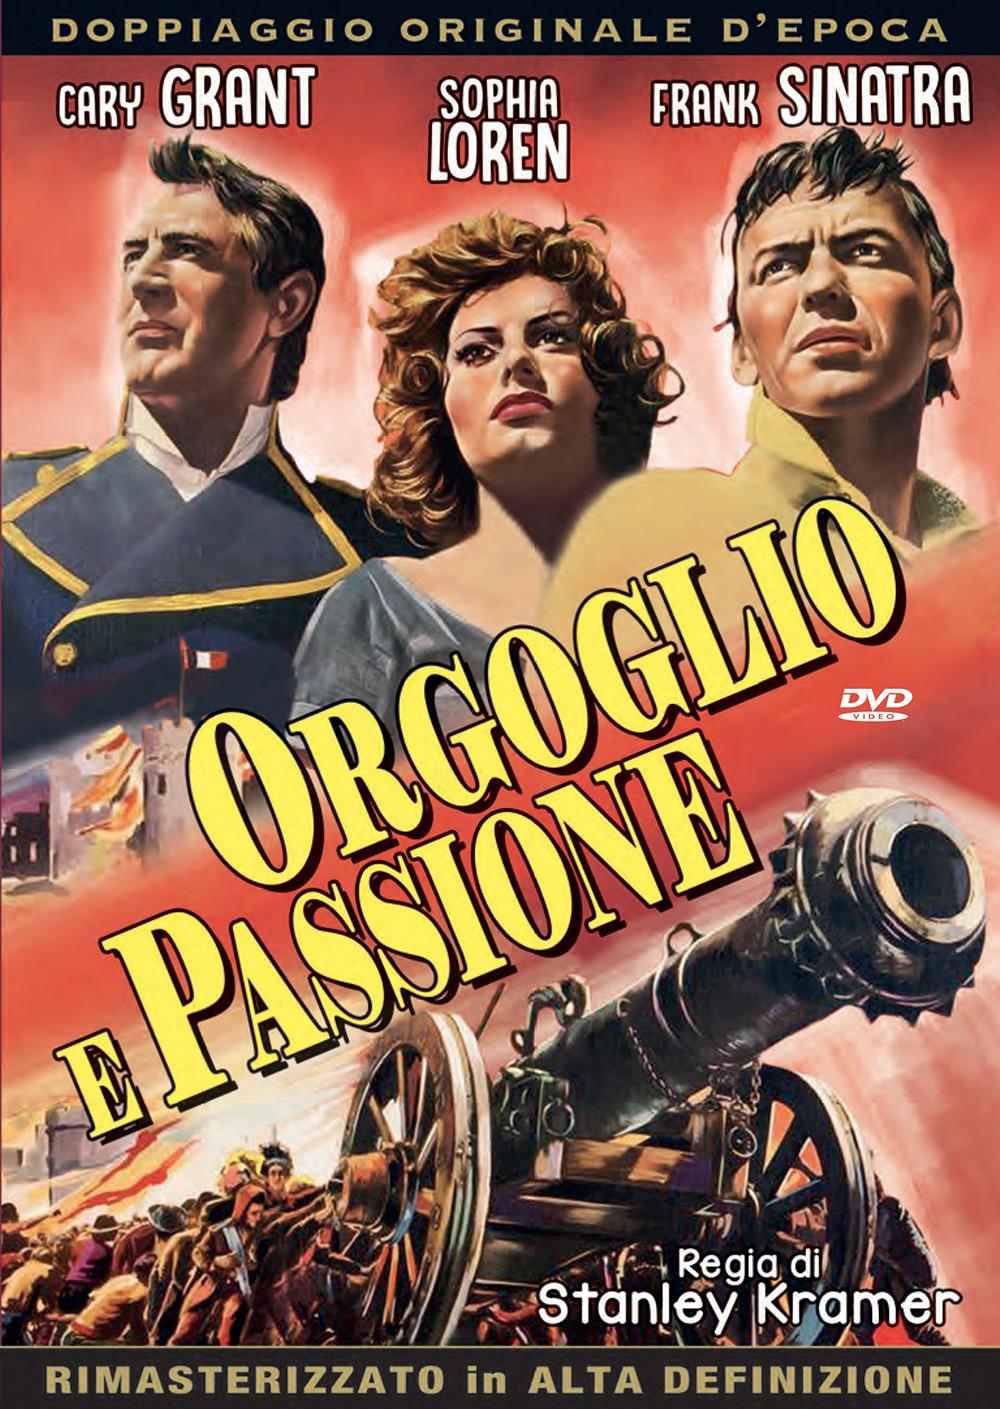 ORGOGLIO E PASSIONE (DVD)